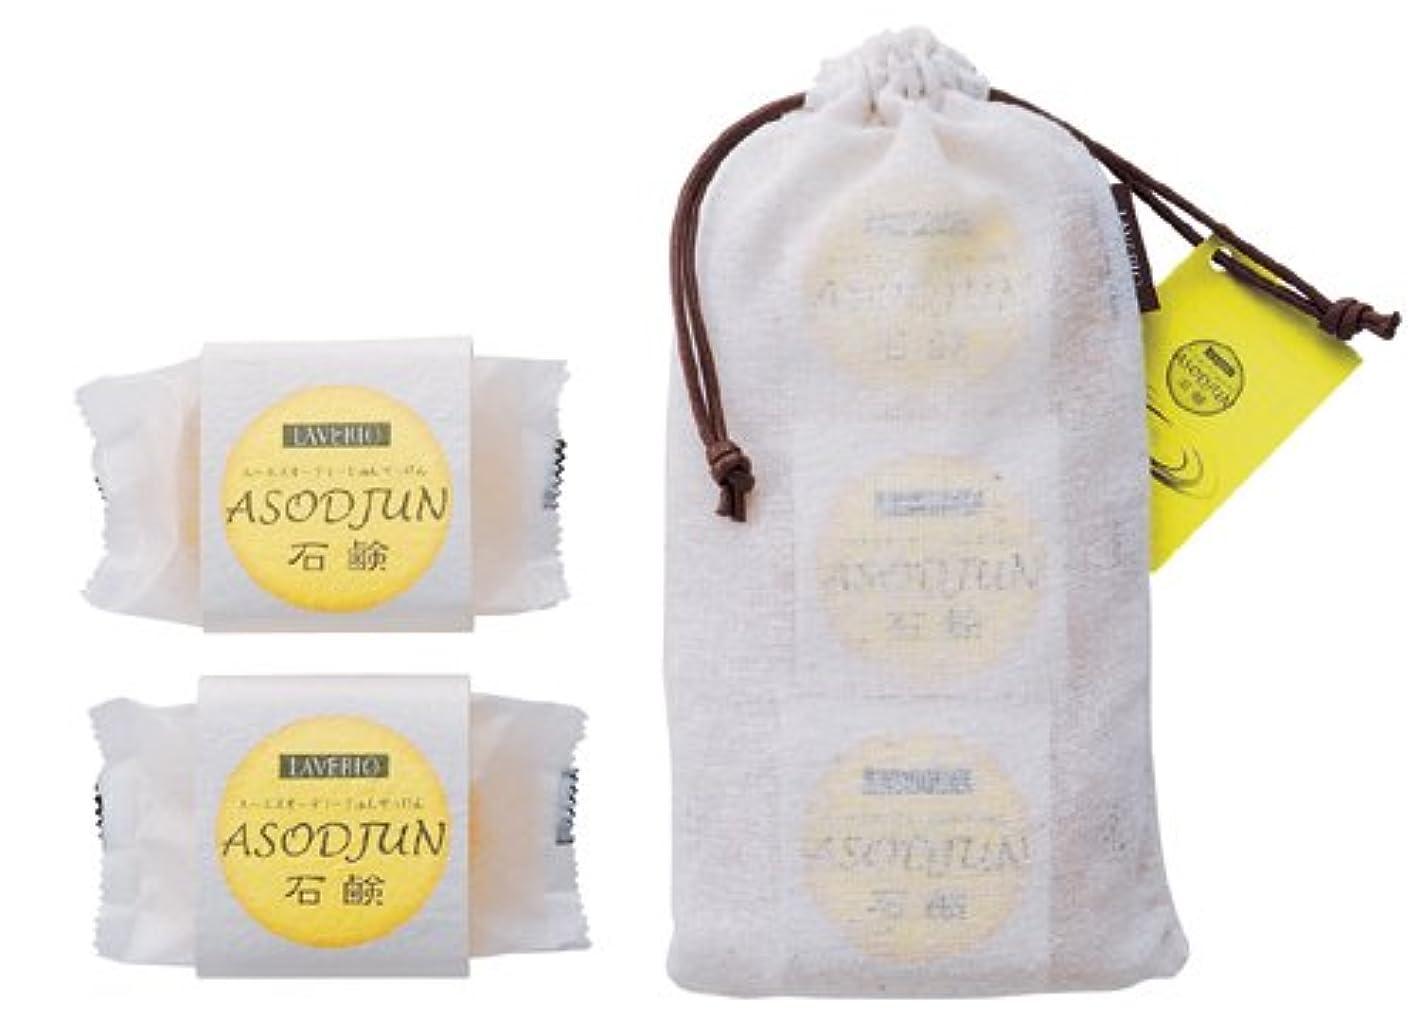 要件同等の送料高級透明石鹸 ASODJUN 石鹸(3個入り)